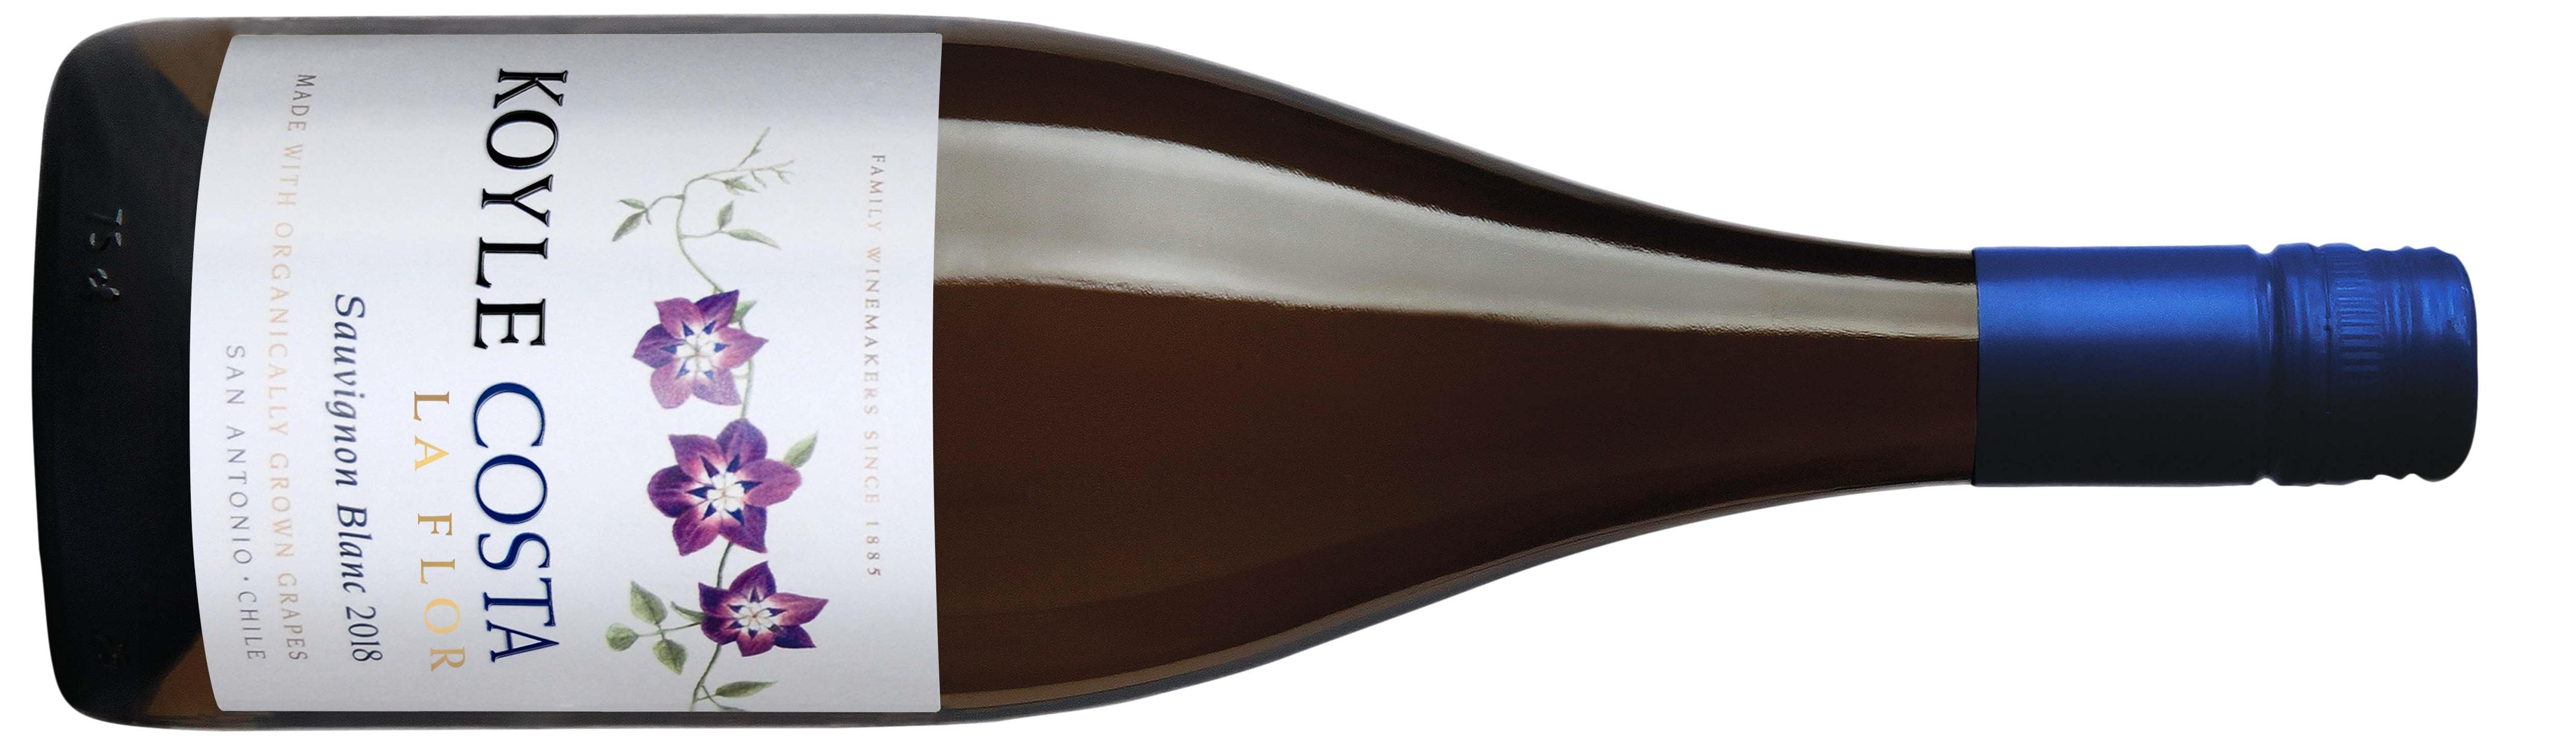 Find this wine Bottle